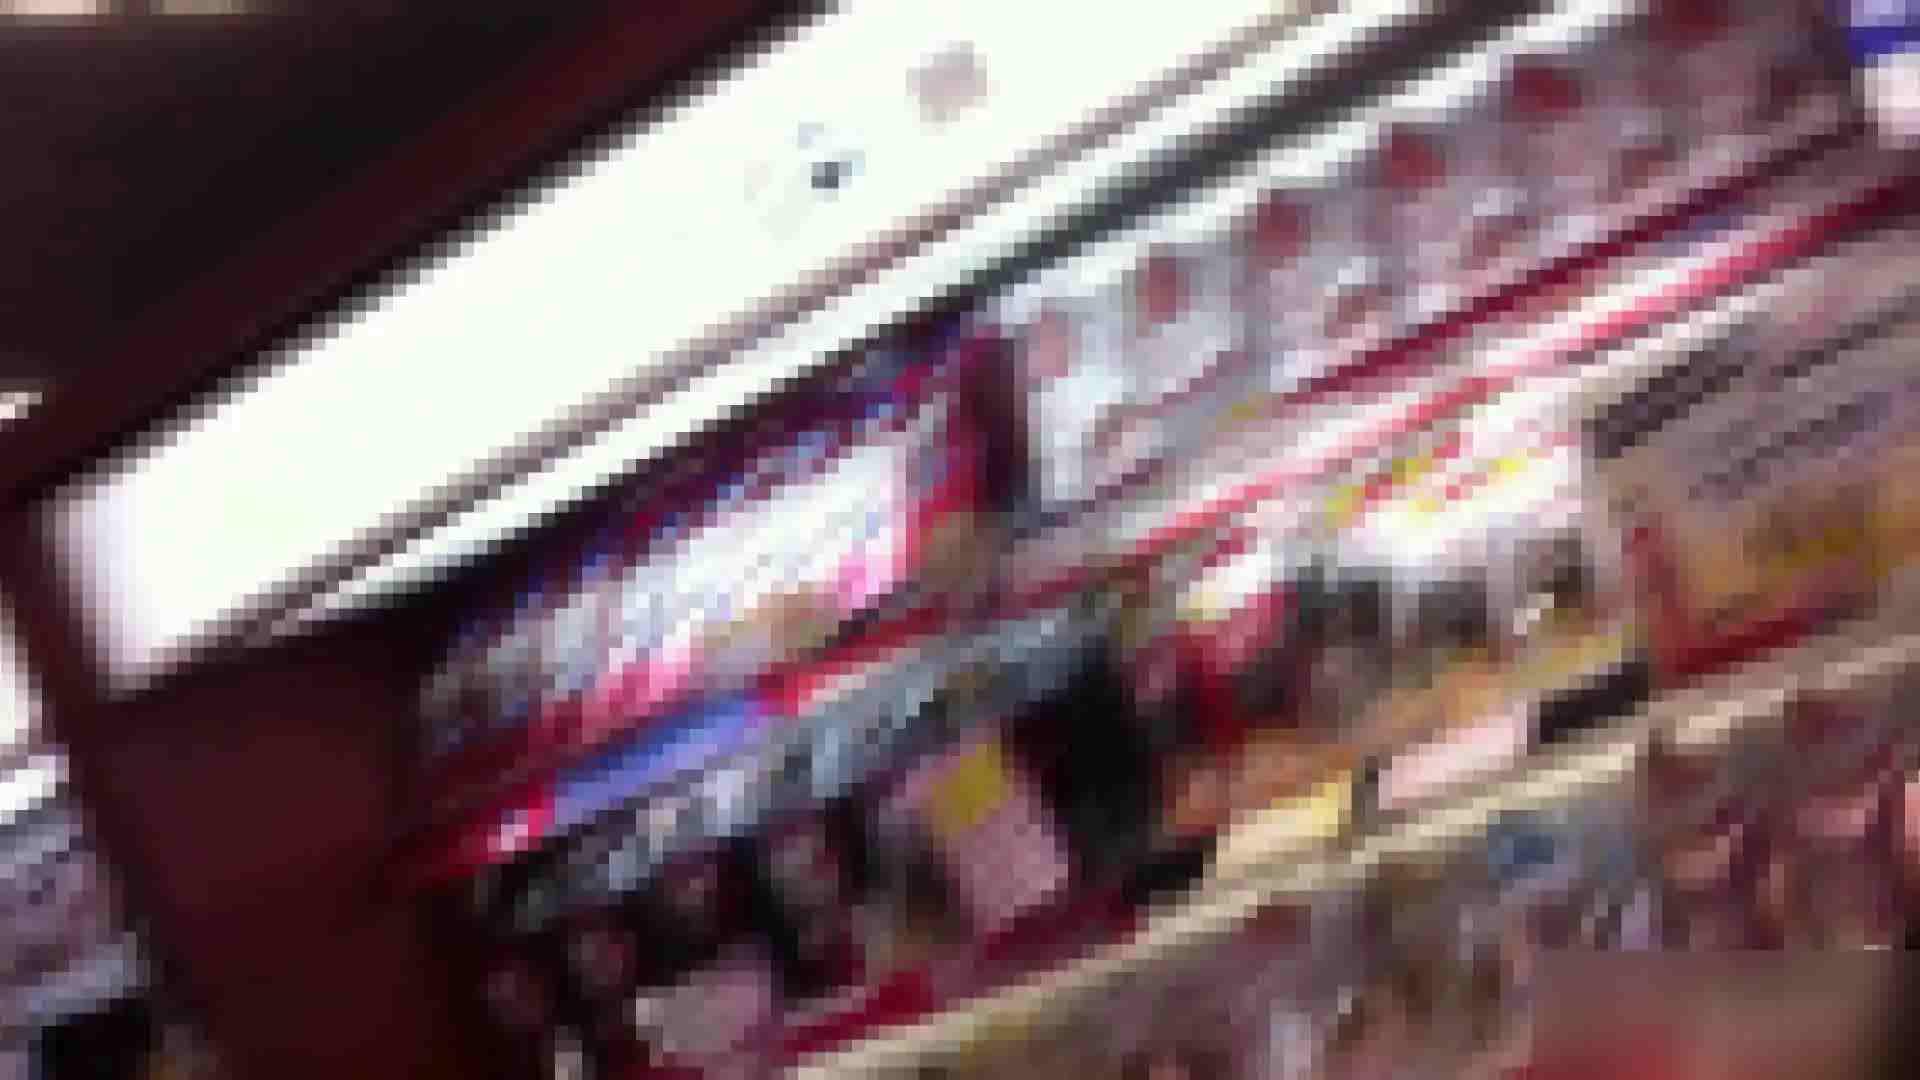 ガールズパンチラストリートビューVol.005 チラ 盗撮アダルト動画キャプチャ 105画像 18